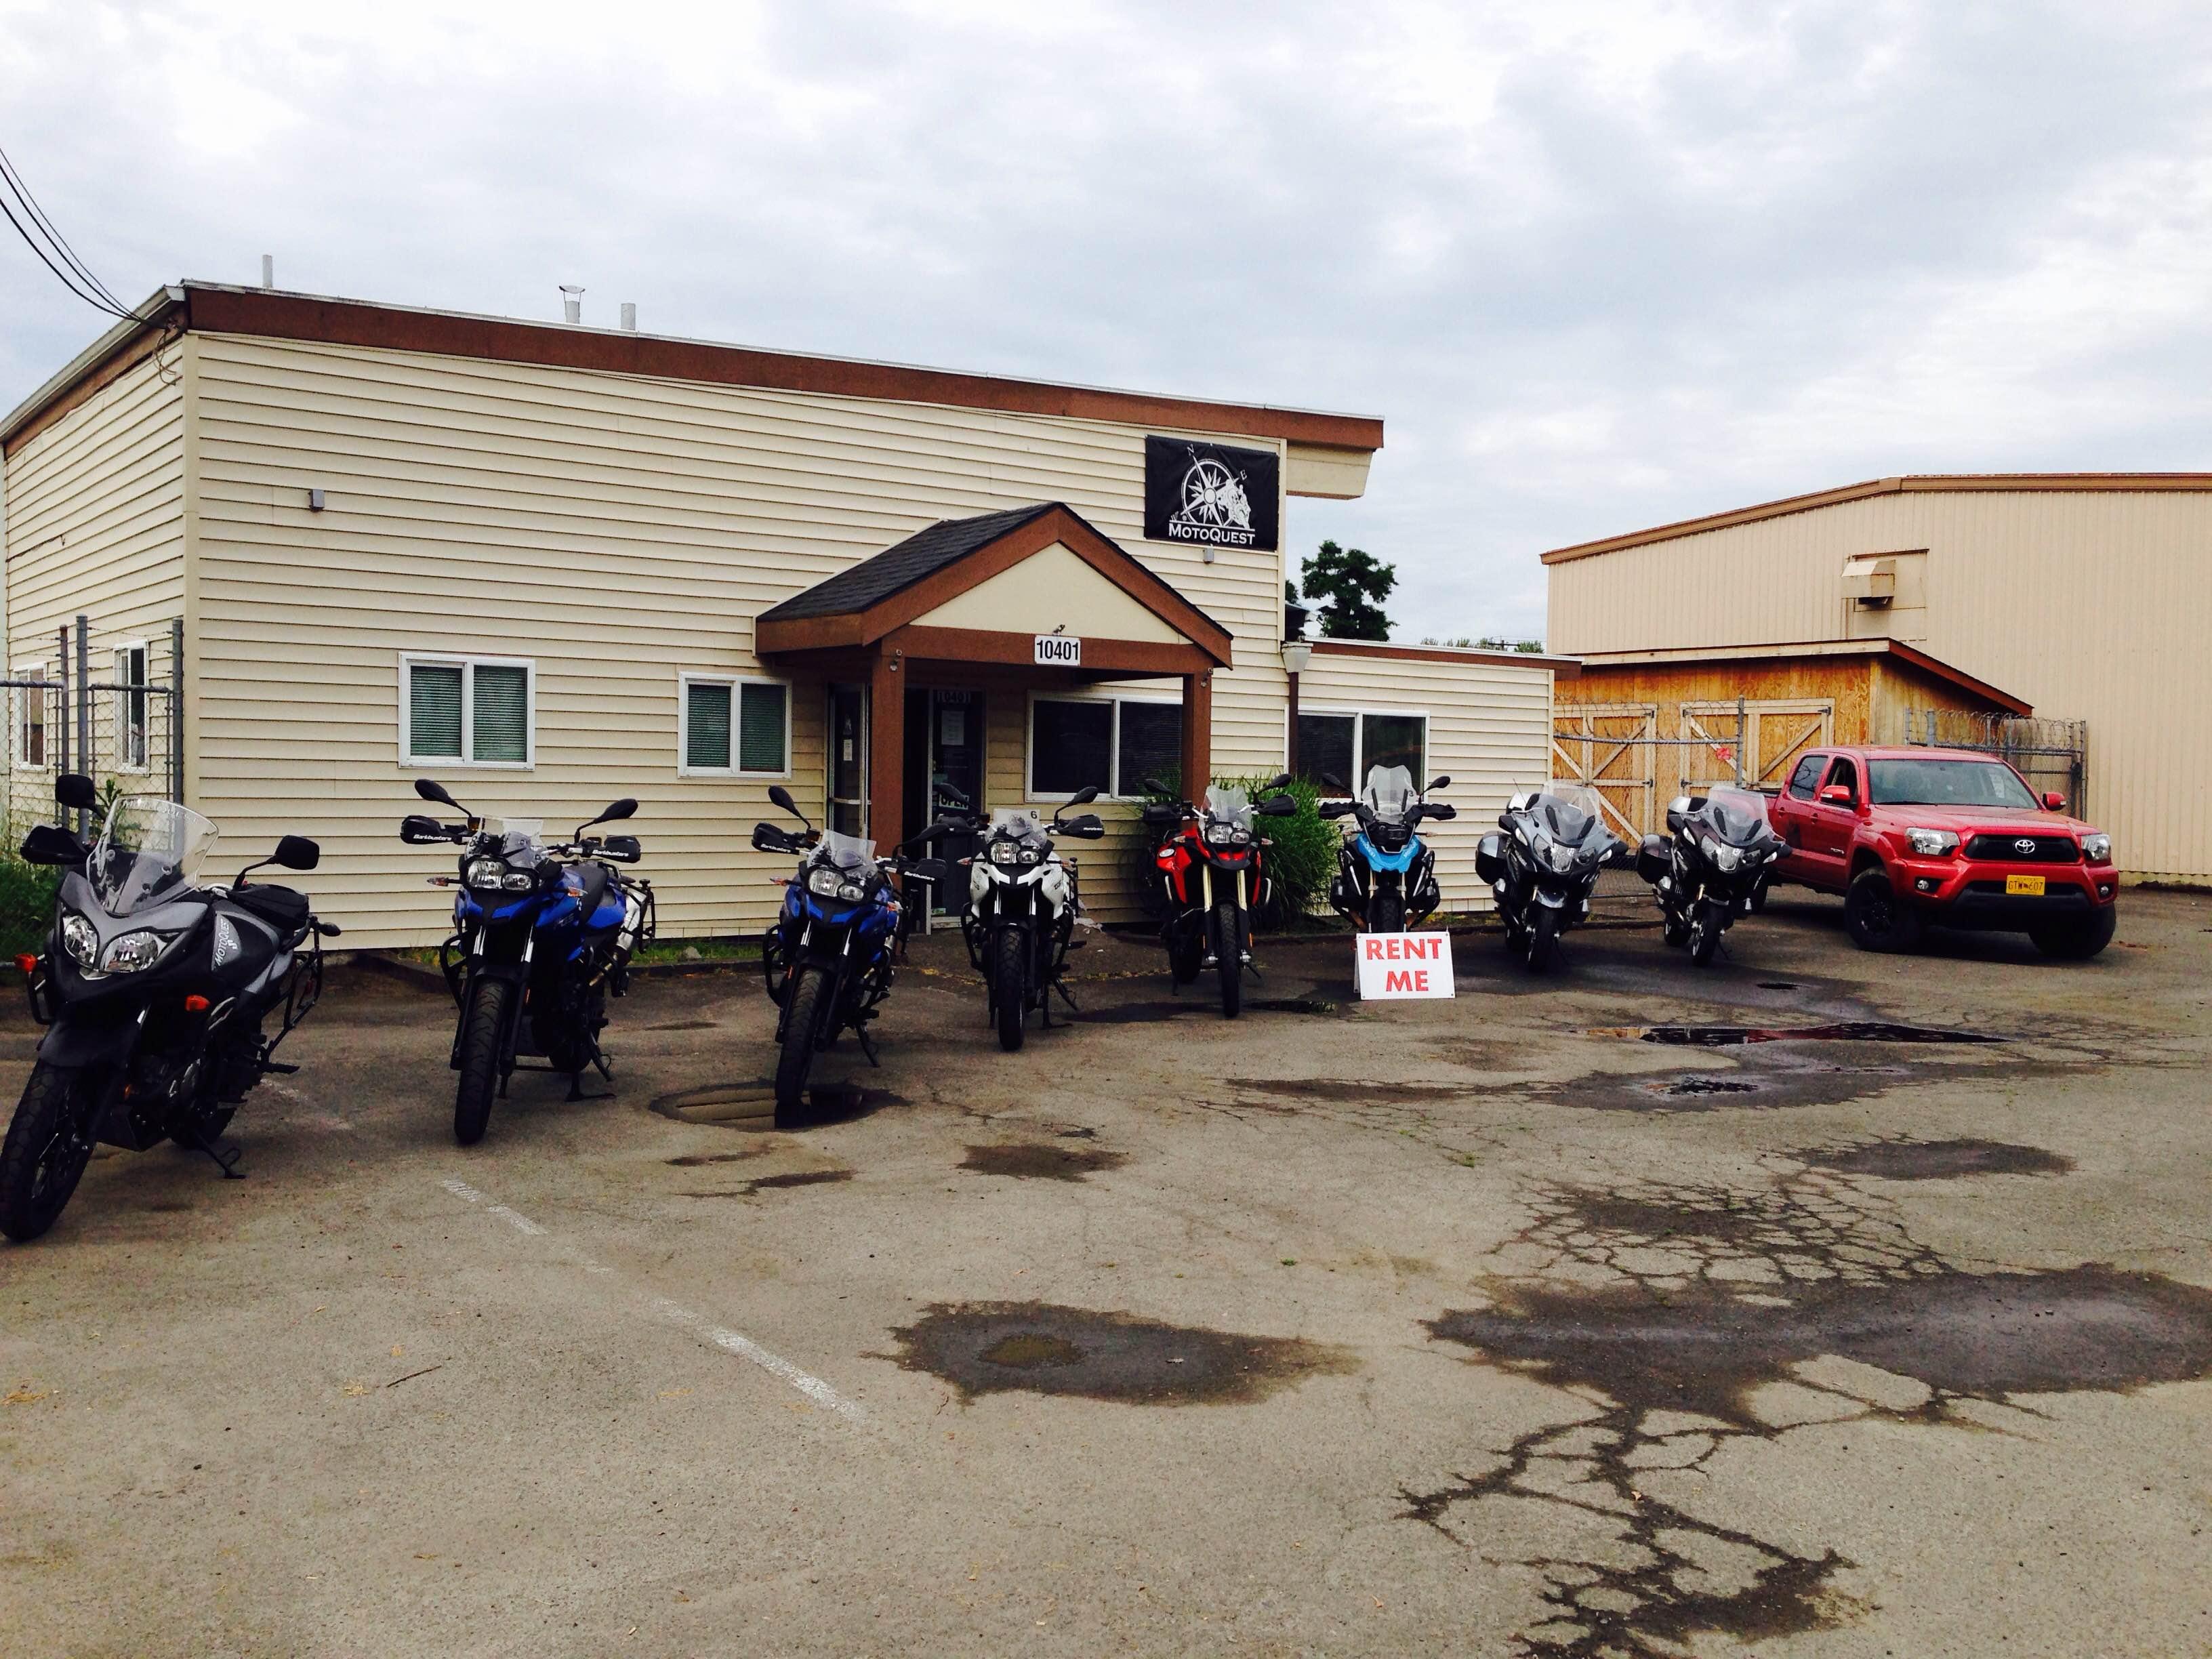 Portland Area Motorcycle Rentals